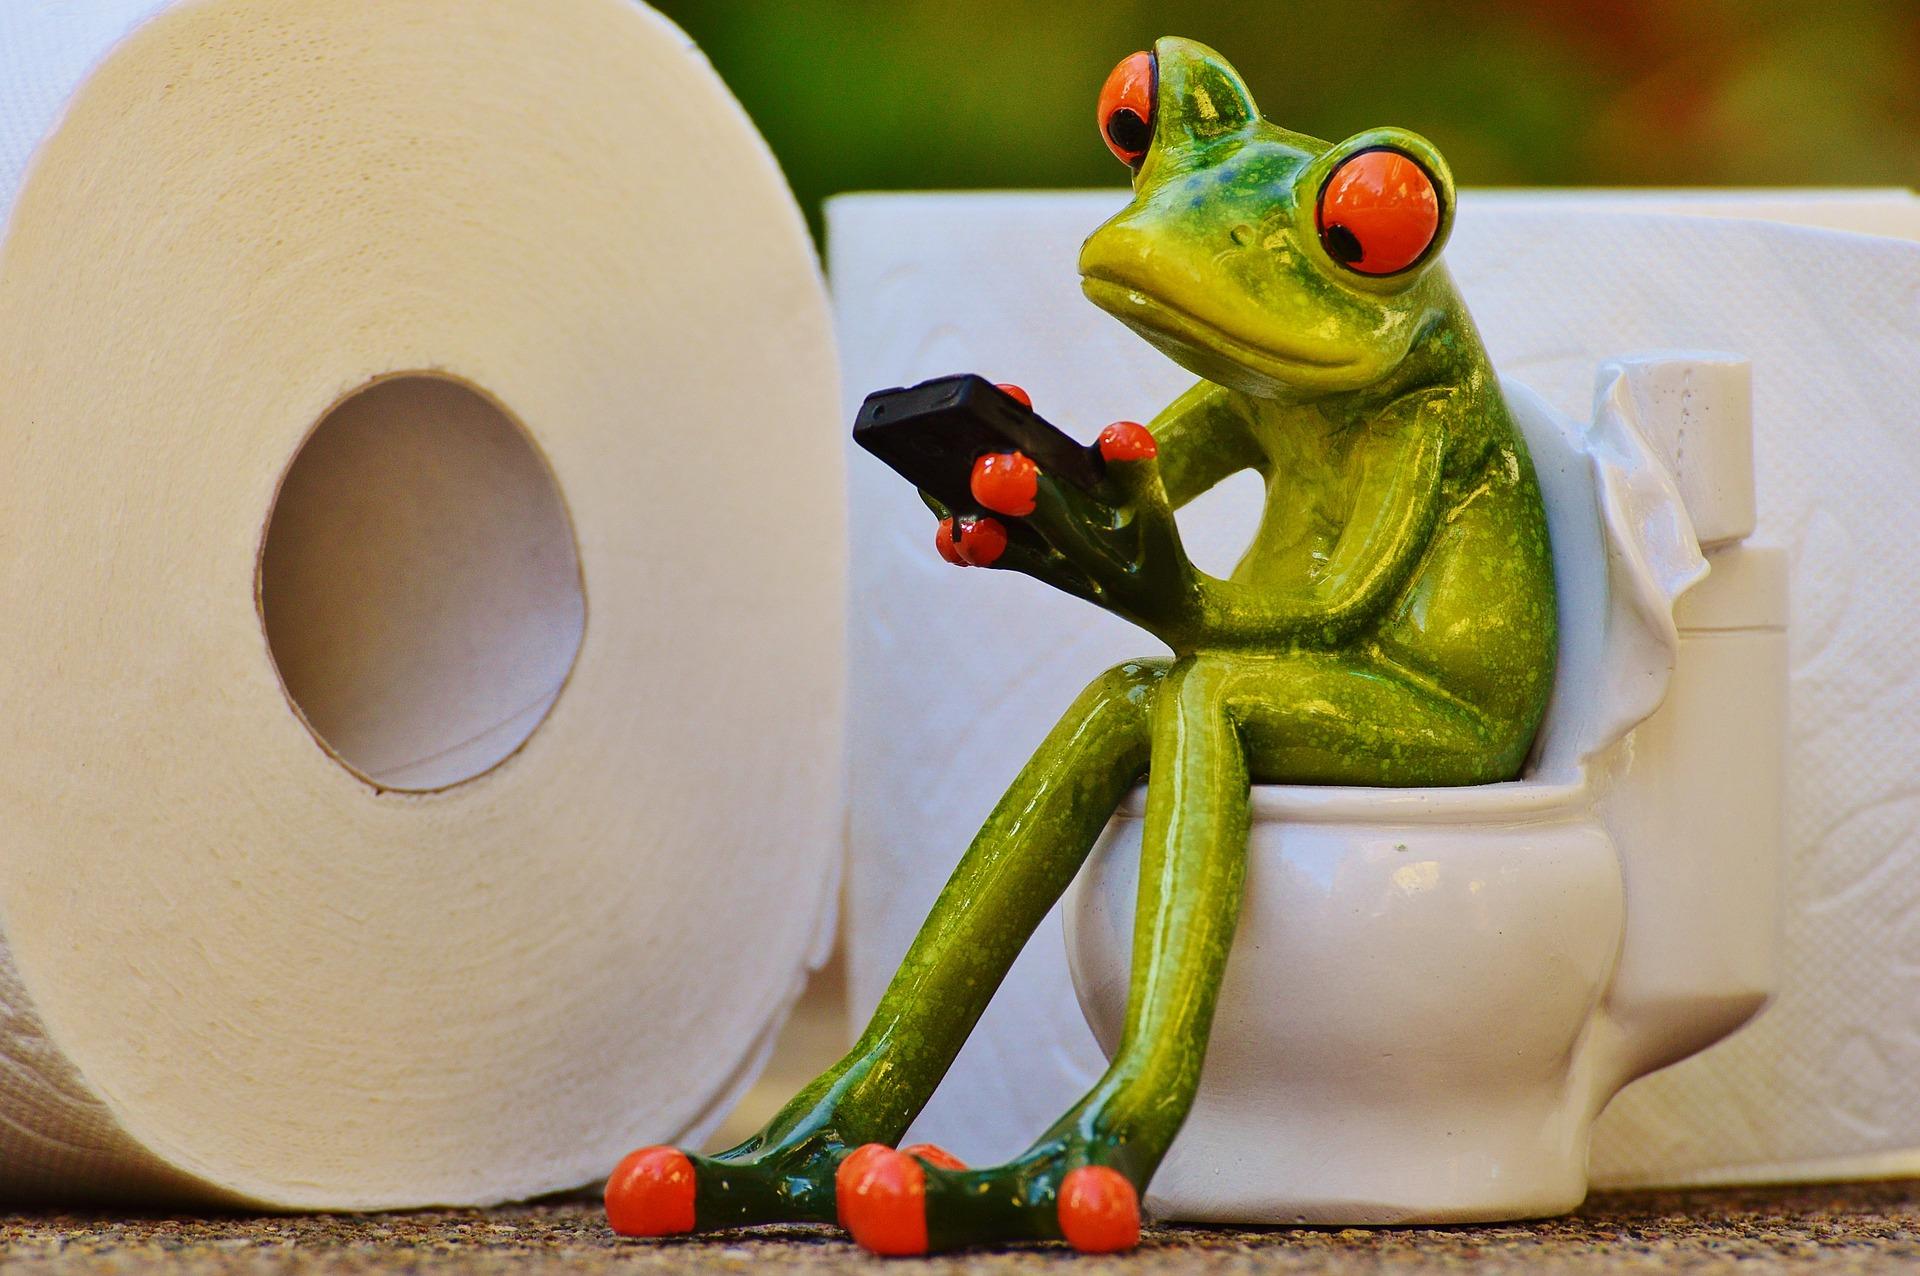 sa nu arunci in WC - sfatulparintilor.ro - pixabay_com - frog-1037251_1920